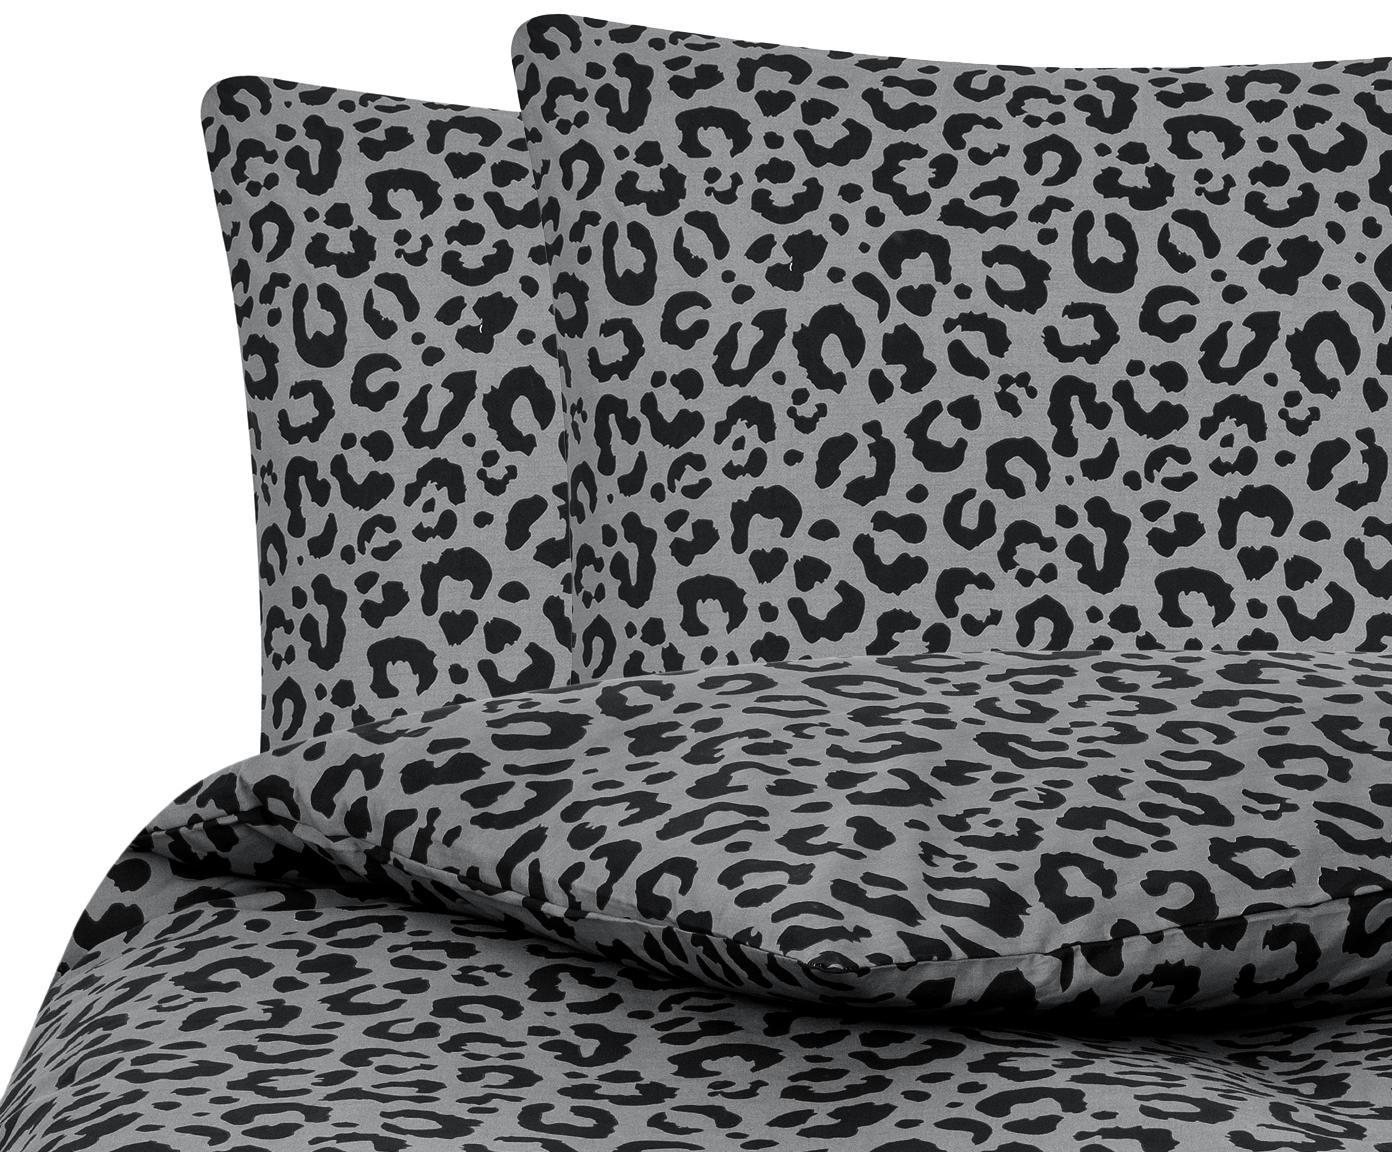 Pościel z perkalu Leopard, Szary, czarny, 240 x 220 cm